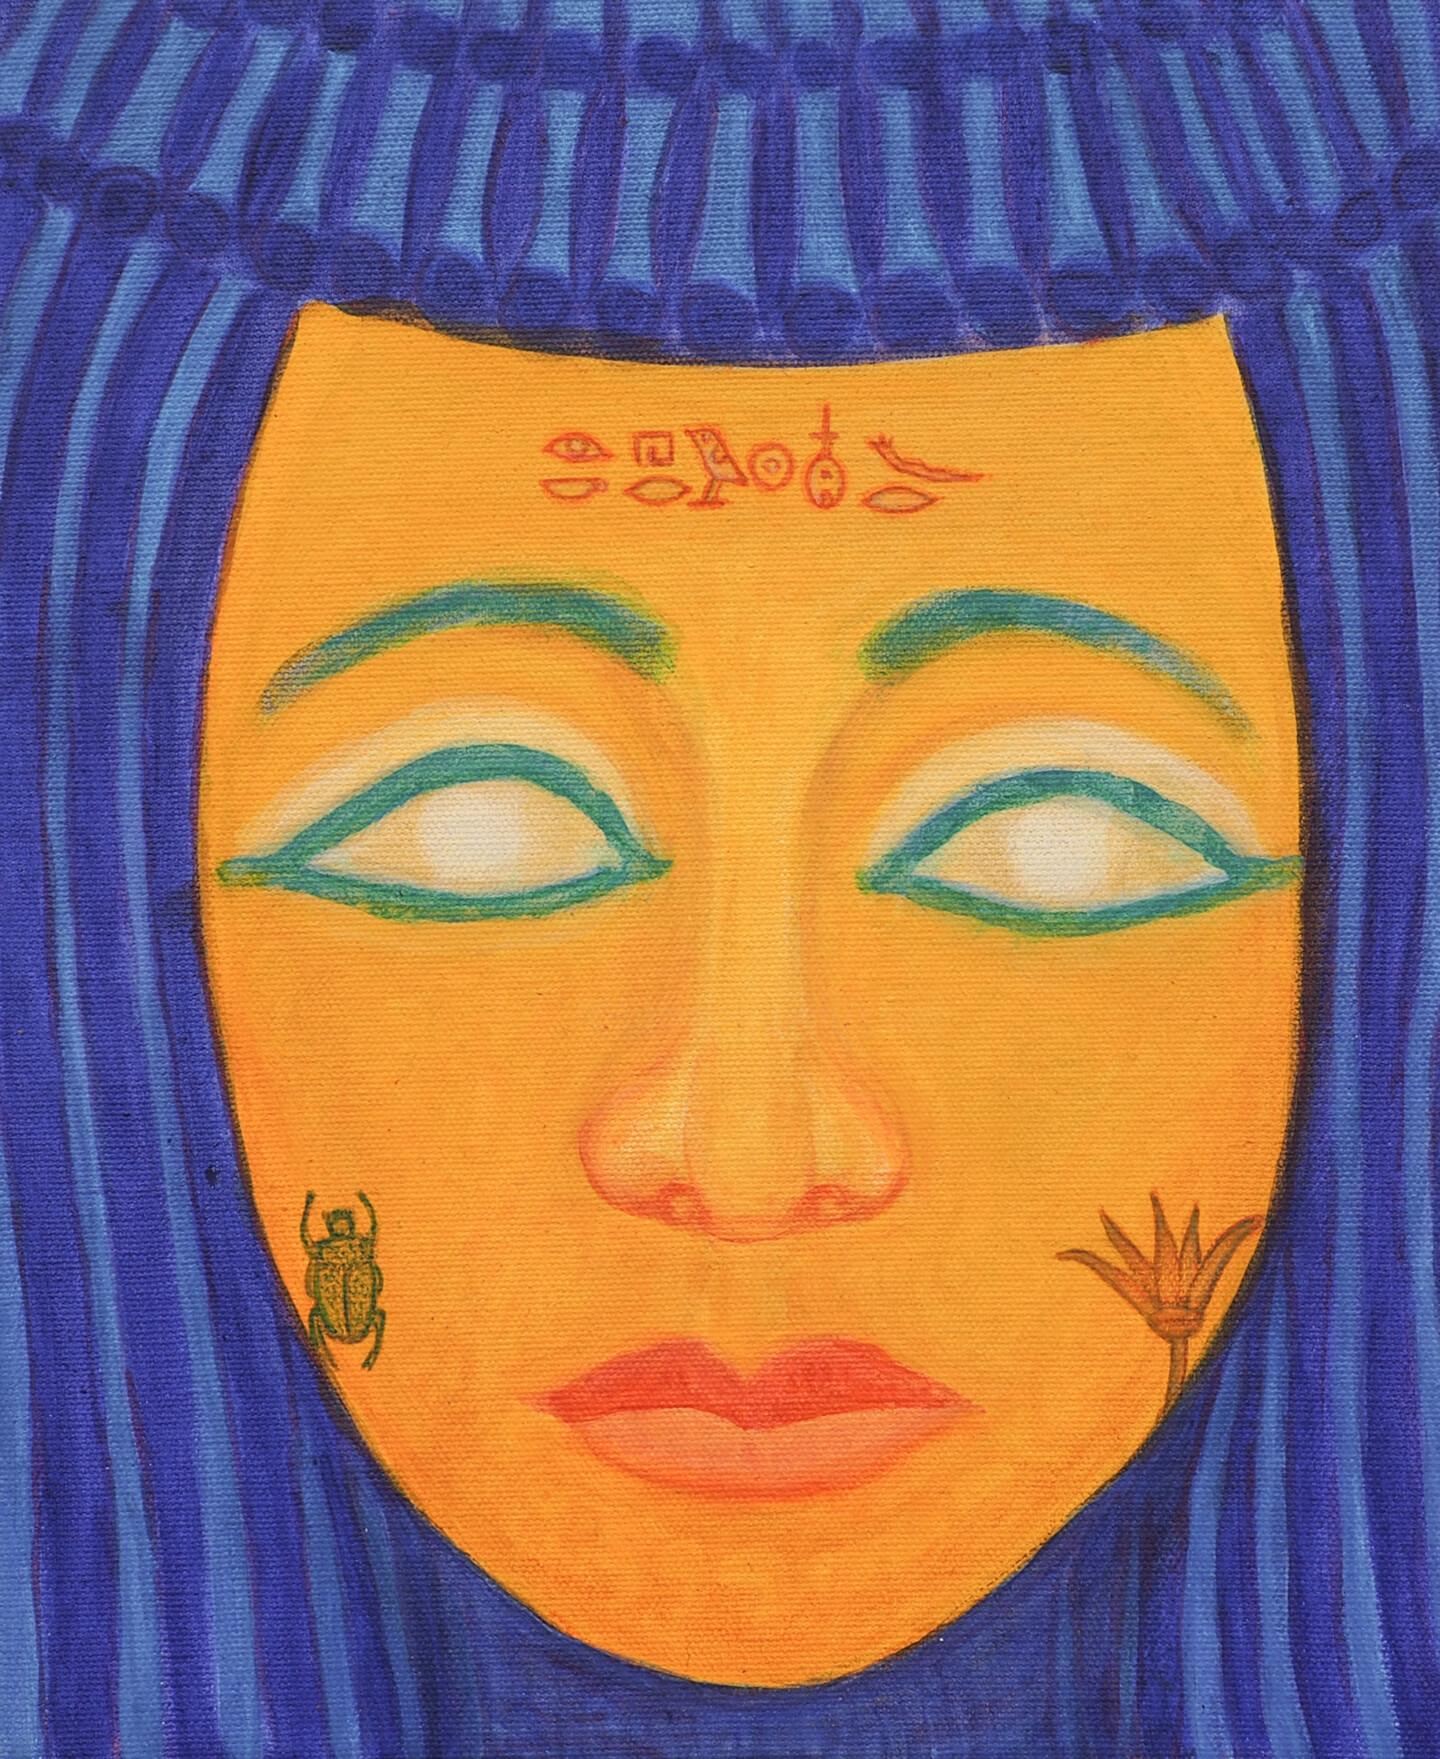 Sigrun Neumann (Sineu) - pharaonische Impressionen 1-6 (No.1)